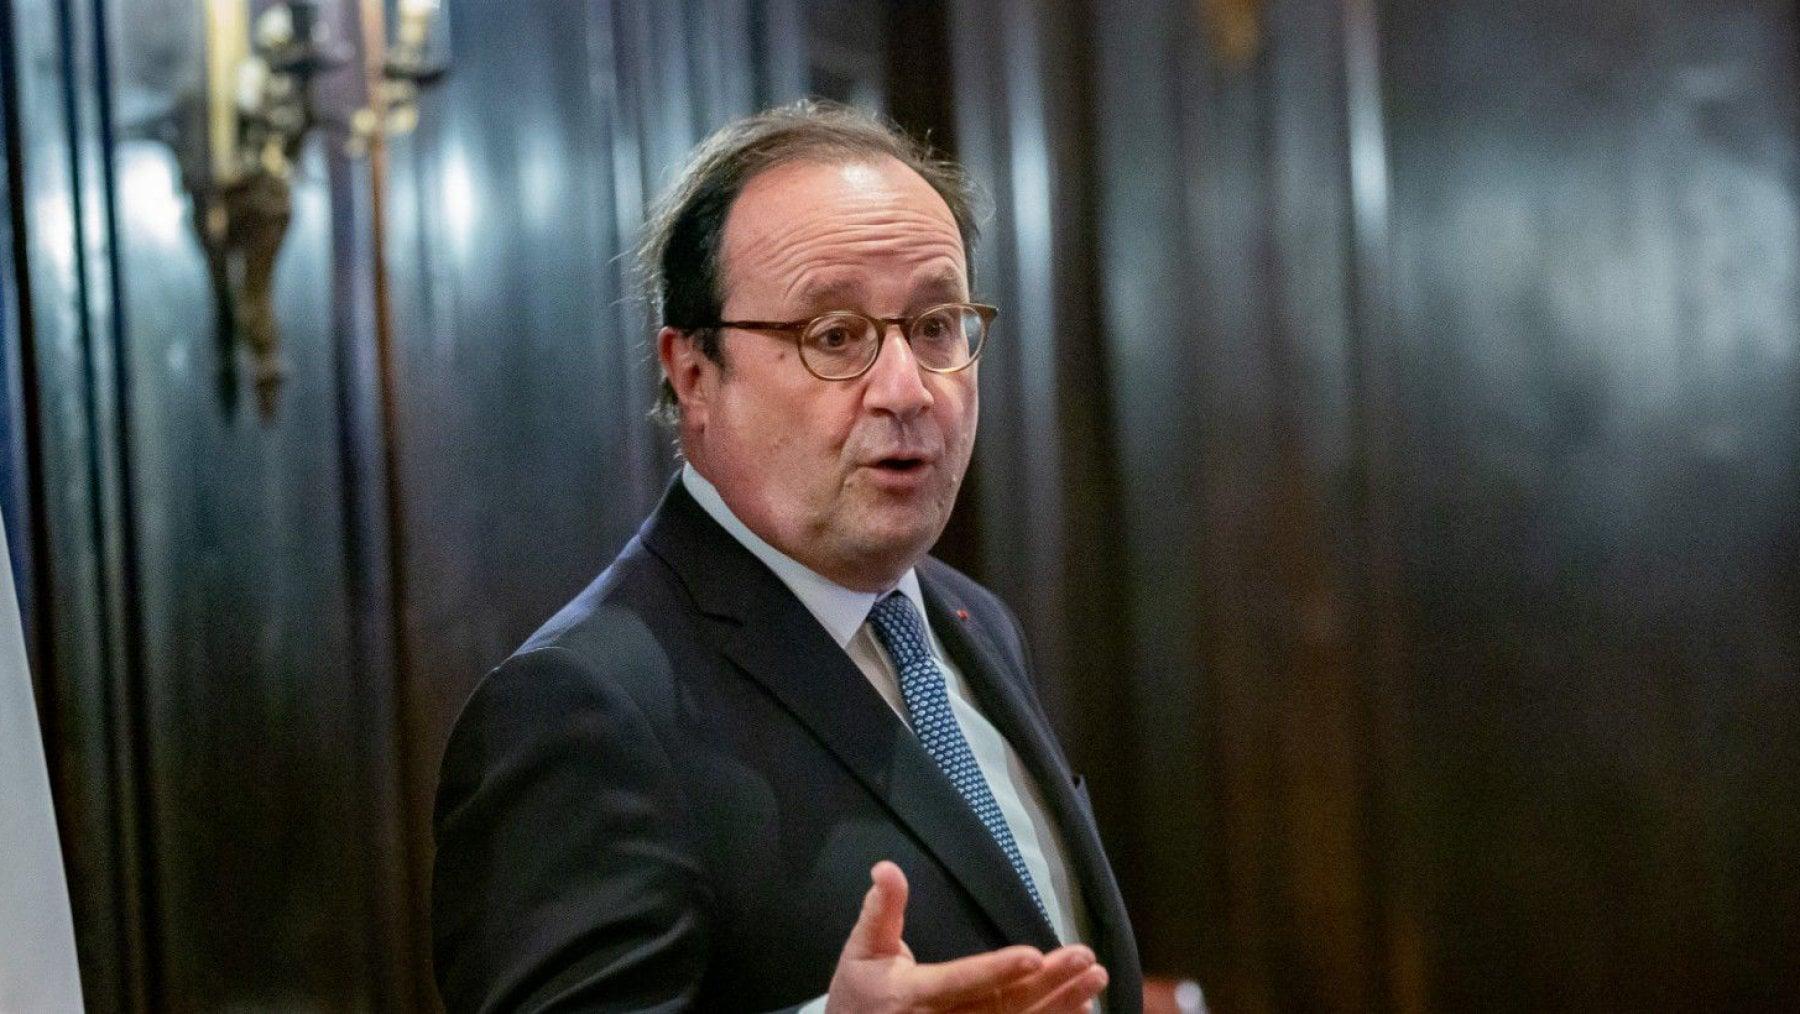 """232128991 acdff9e8 7b3e 4b98 a751 12e453c28be7 - La Francia scende in piazza per l'insegnante decapitato: """"Je suis Prof"""""""